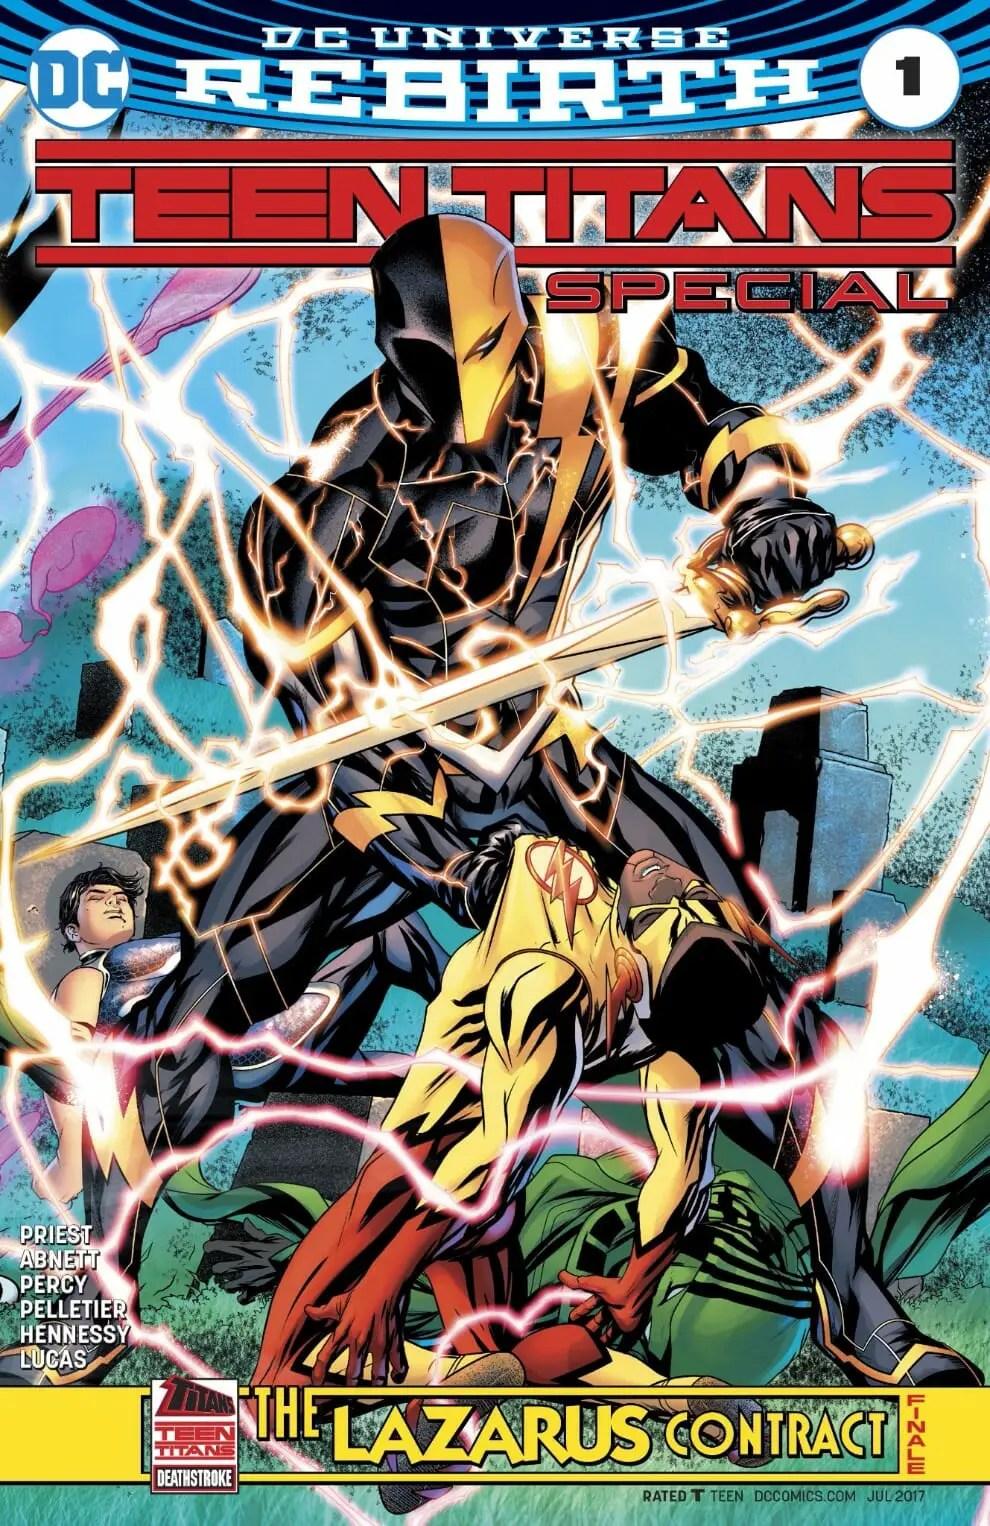 i2 wp com/www comicbookrevolution com/wp-content/u